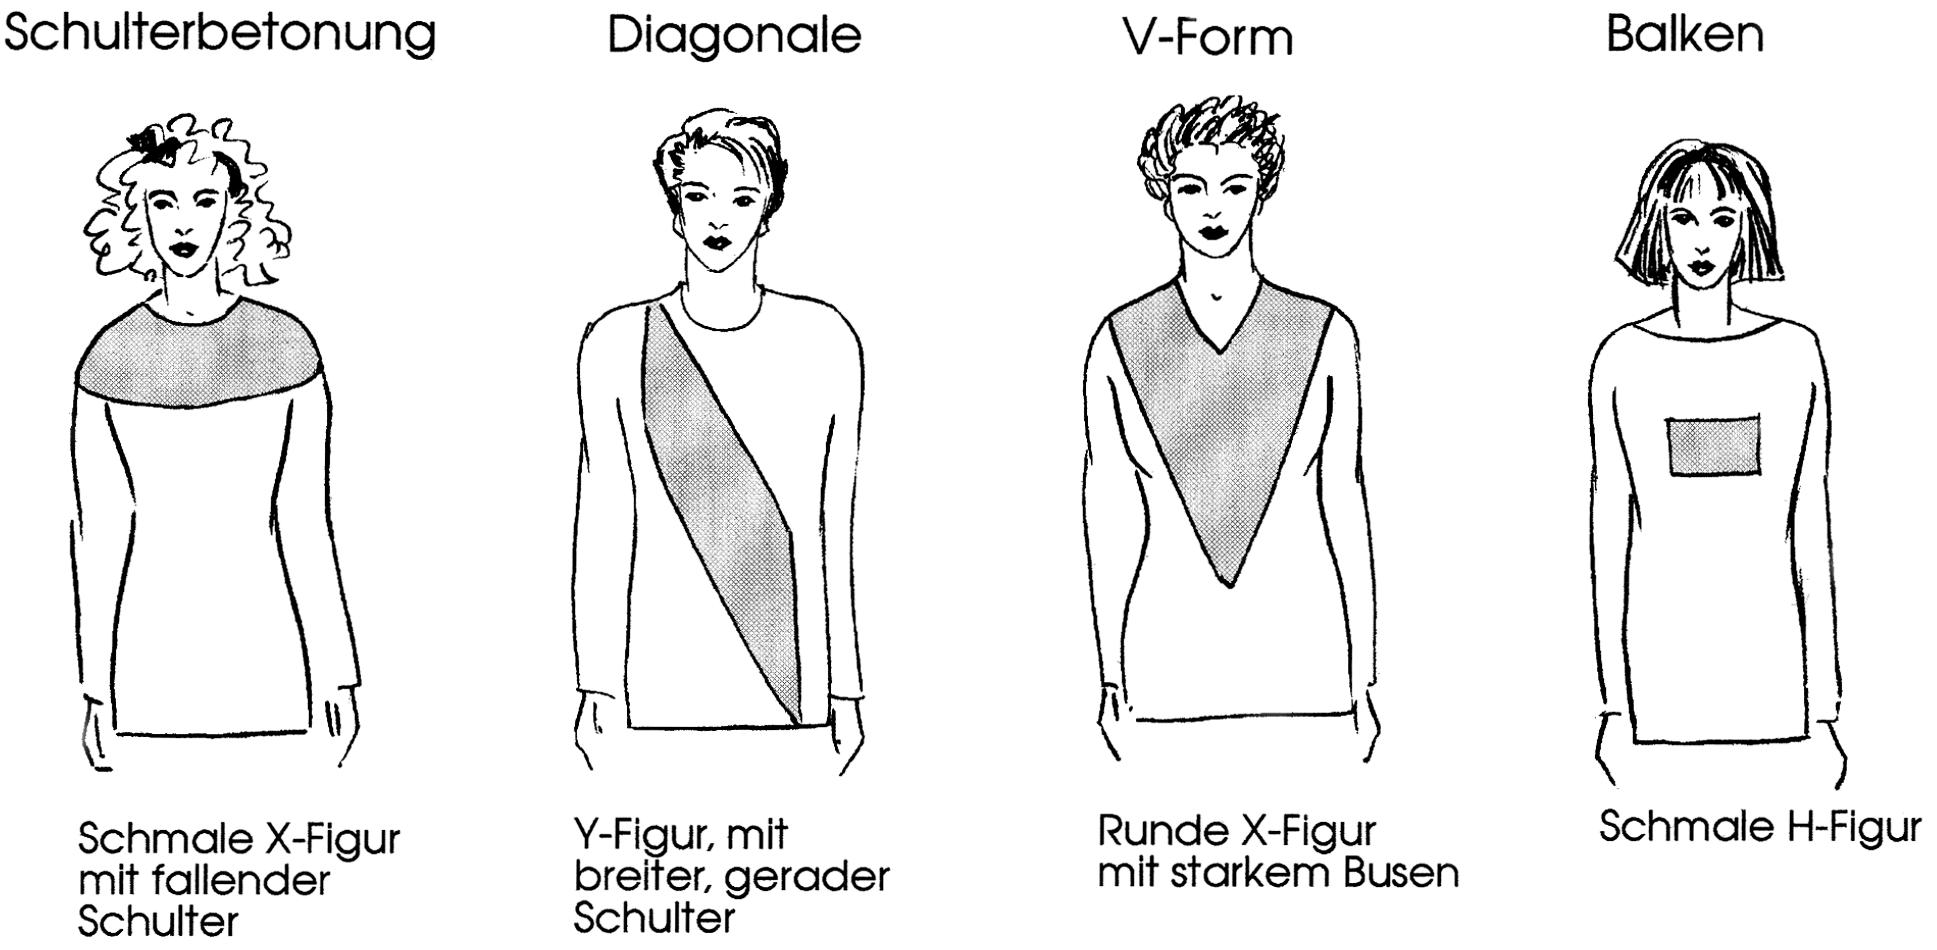 Zu sehen sind Zeichnungen für Applikationspositionen entsprechend den Figurtypen